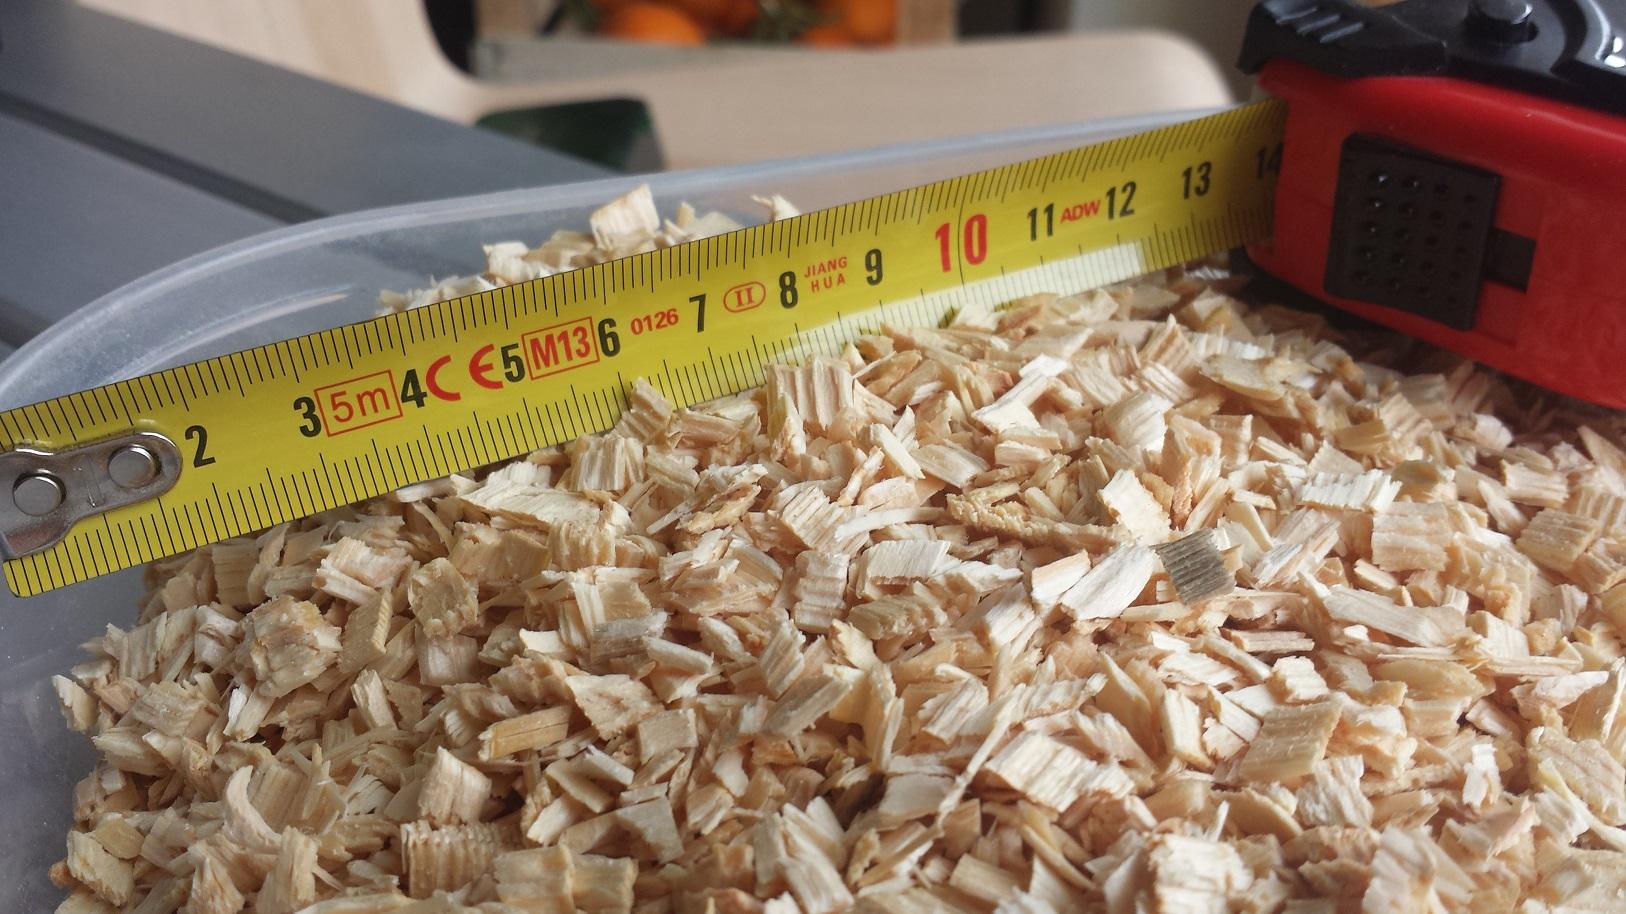 http://www.energialternativa.info/public/newforum/ForumEA/D/foto%20biocippo.jpg